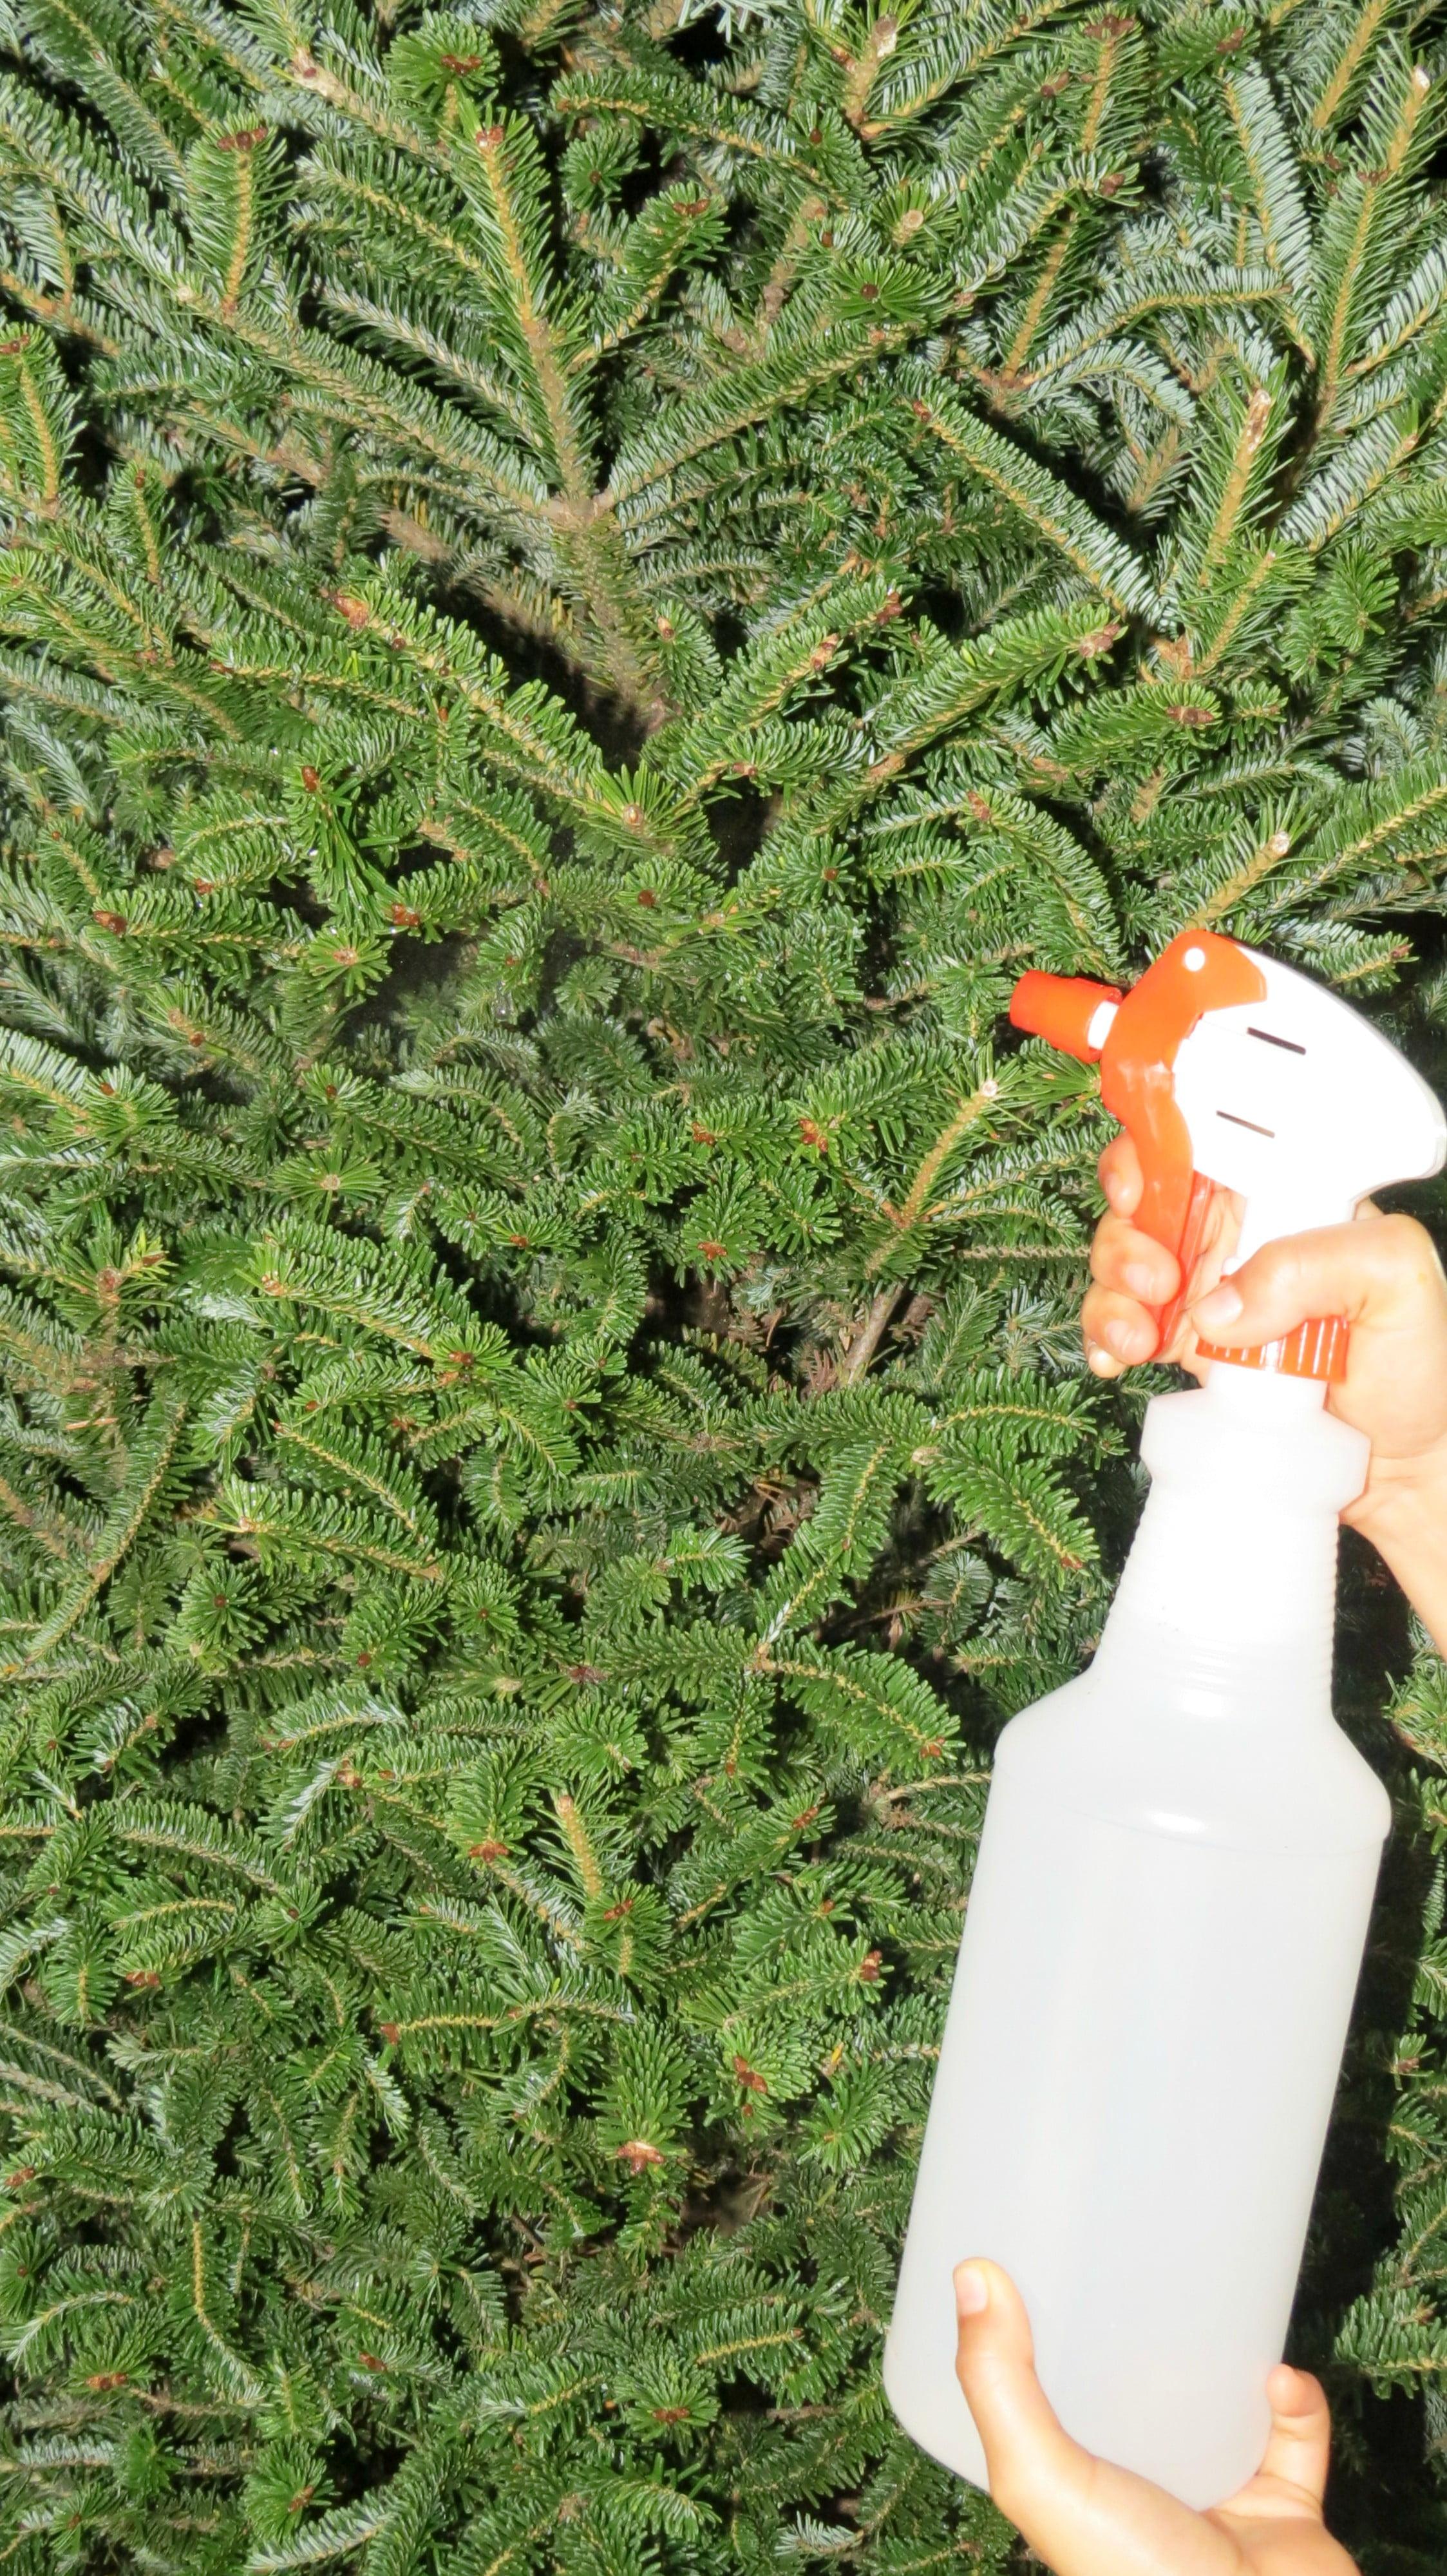 Arbol navide o natural con nieve artificial h galo usted - Arbol artificial de navidad ...